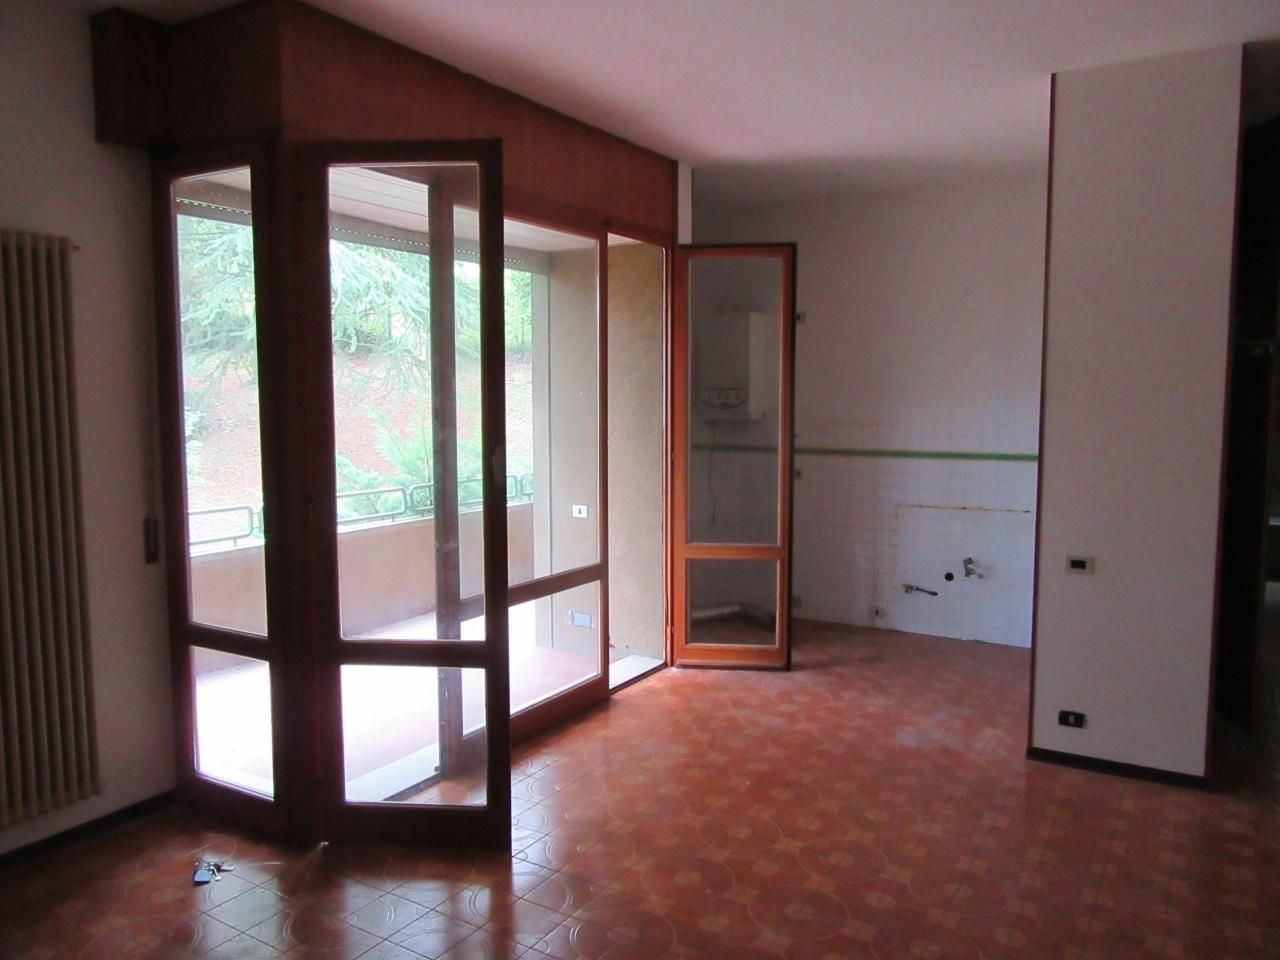 Bilocale Salsomaggiore Terme Via Piave 26 4